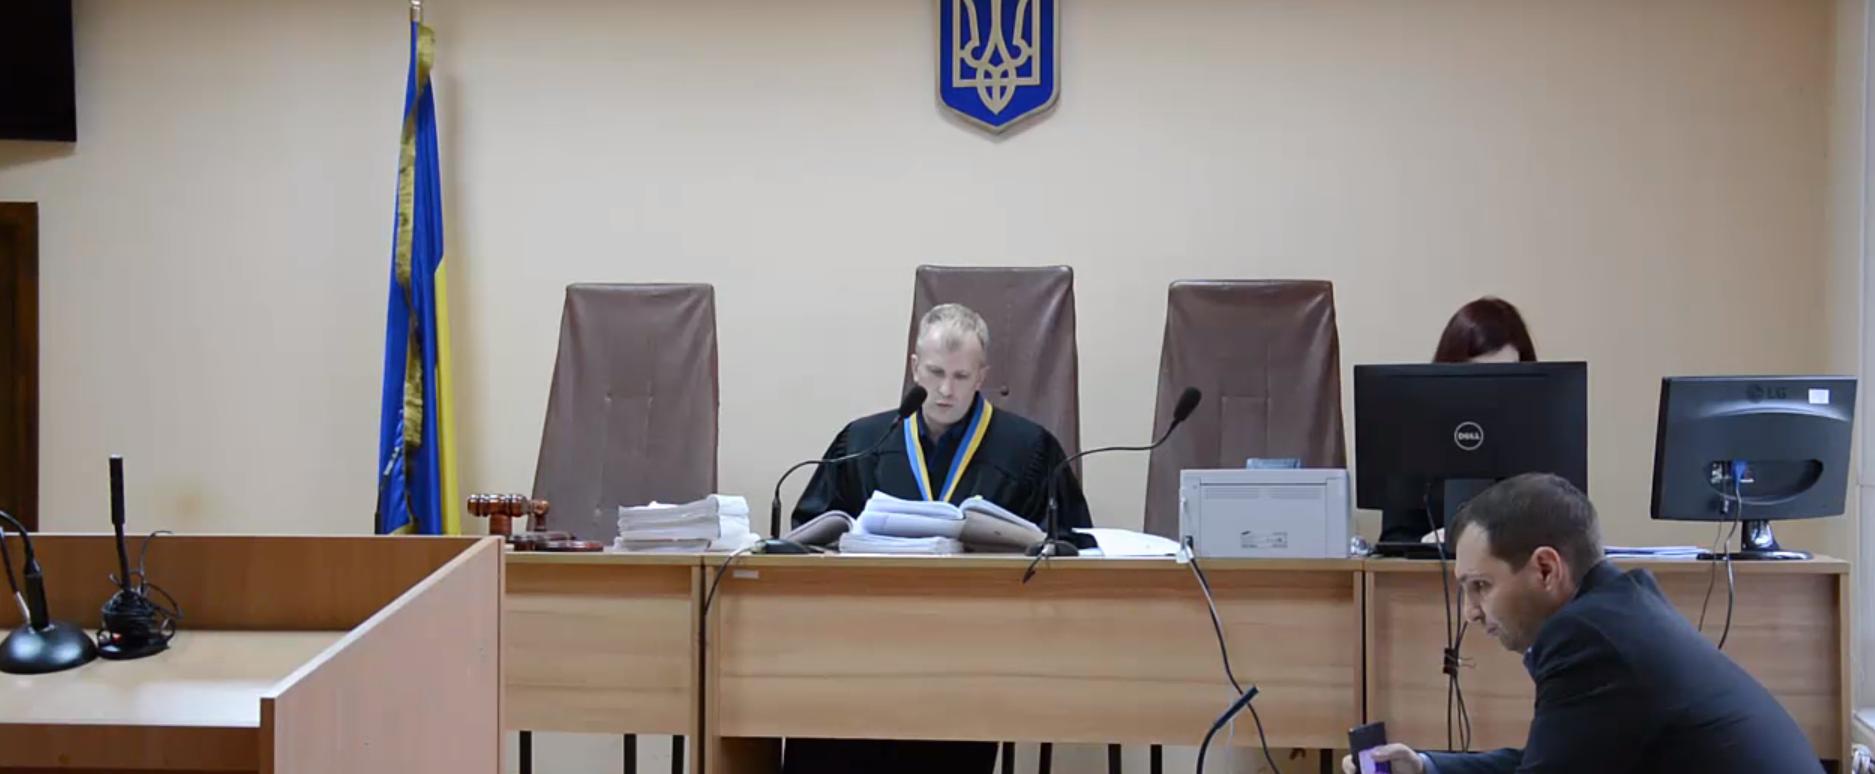 Запорожский суд закончил подготовительное заседание по делу судьи-взяточника